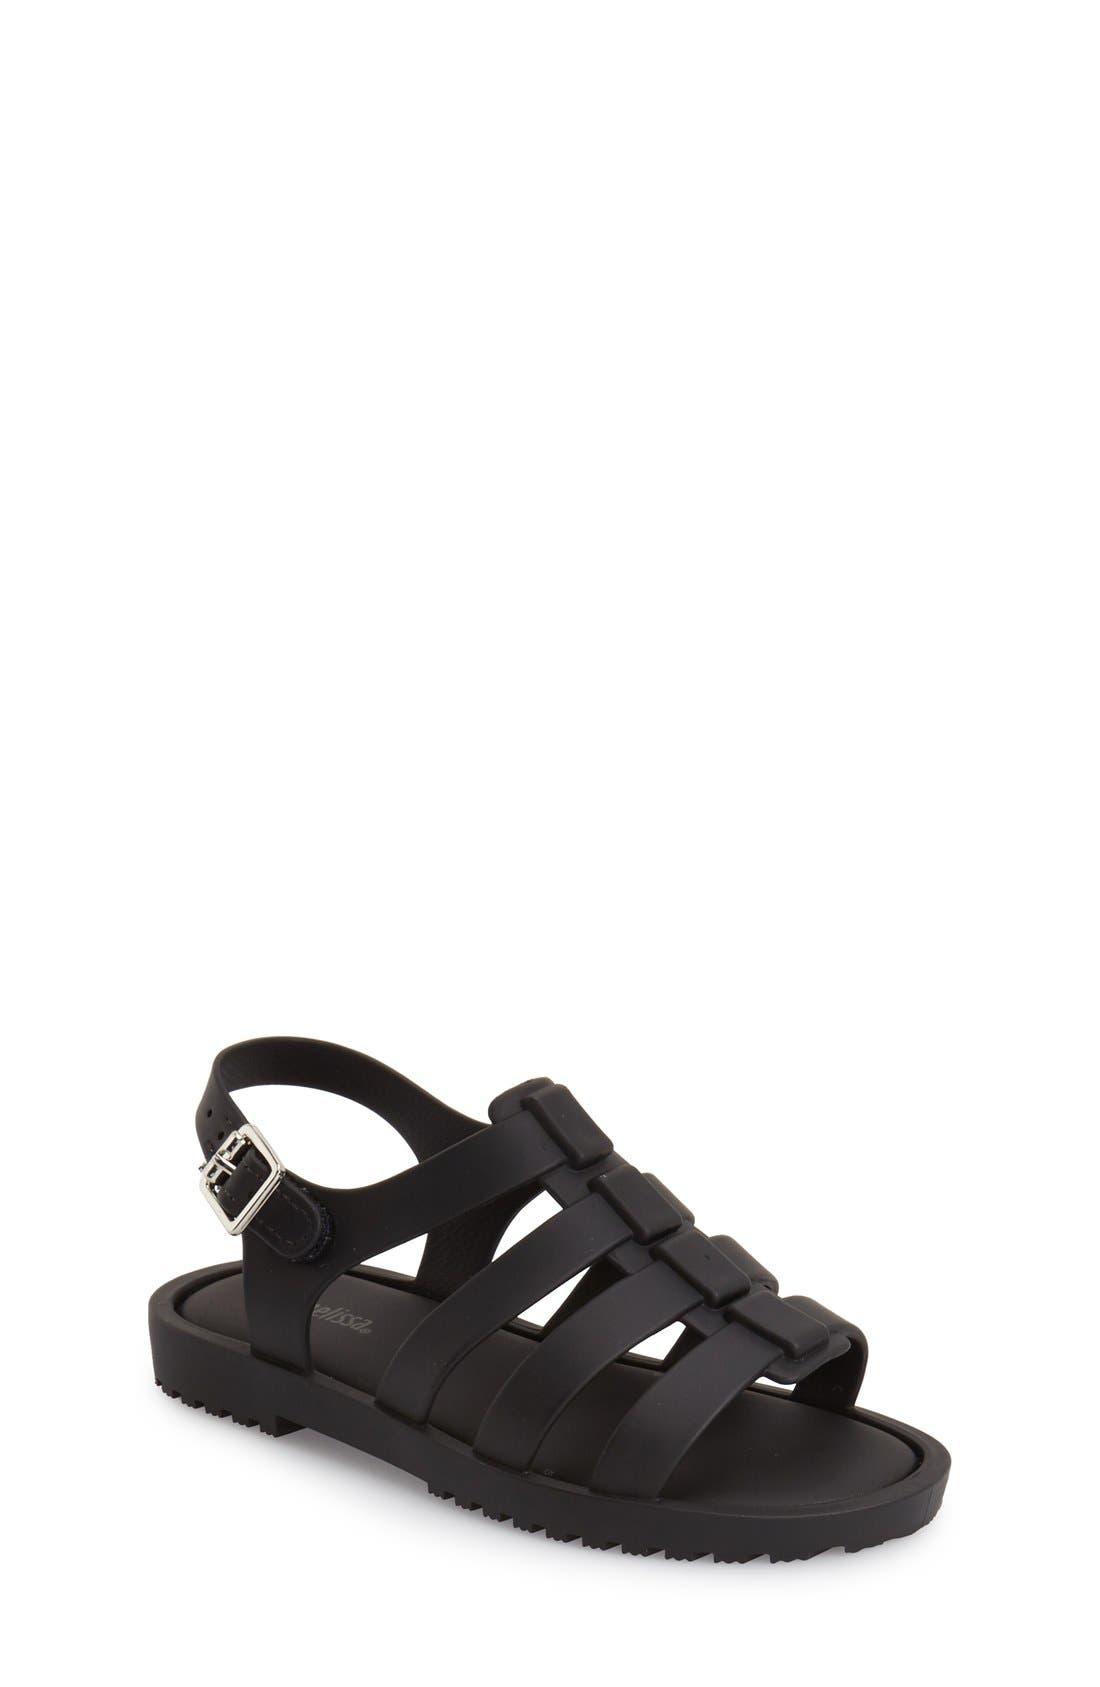 'Flox' Sandal,                         Main,                         color, Black